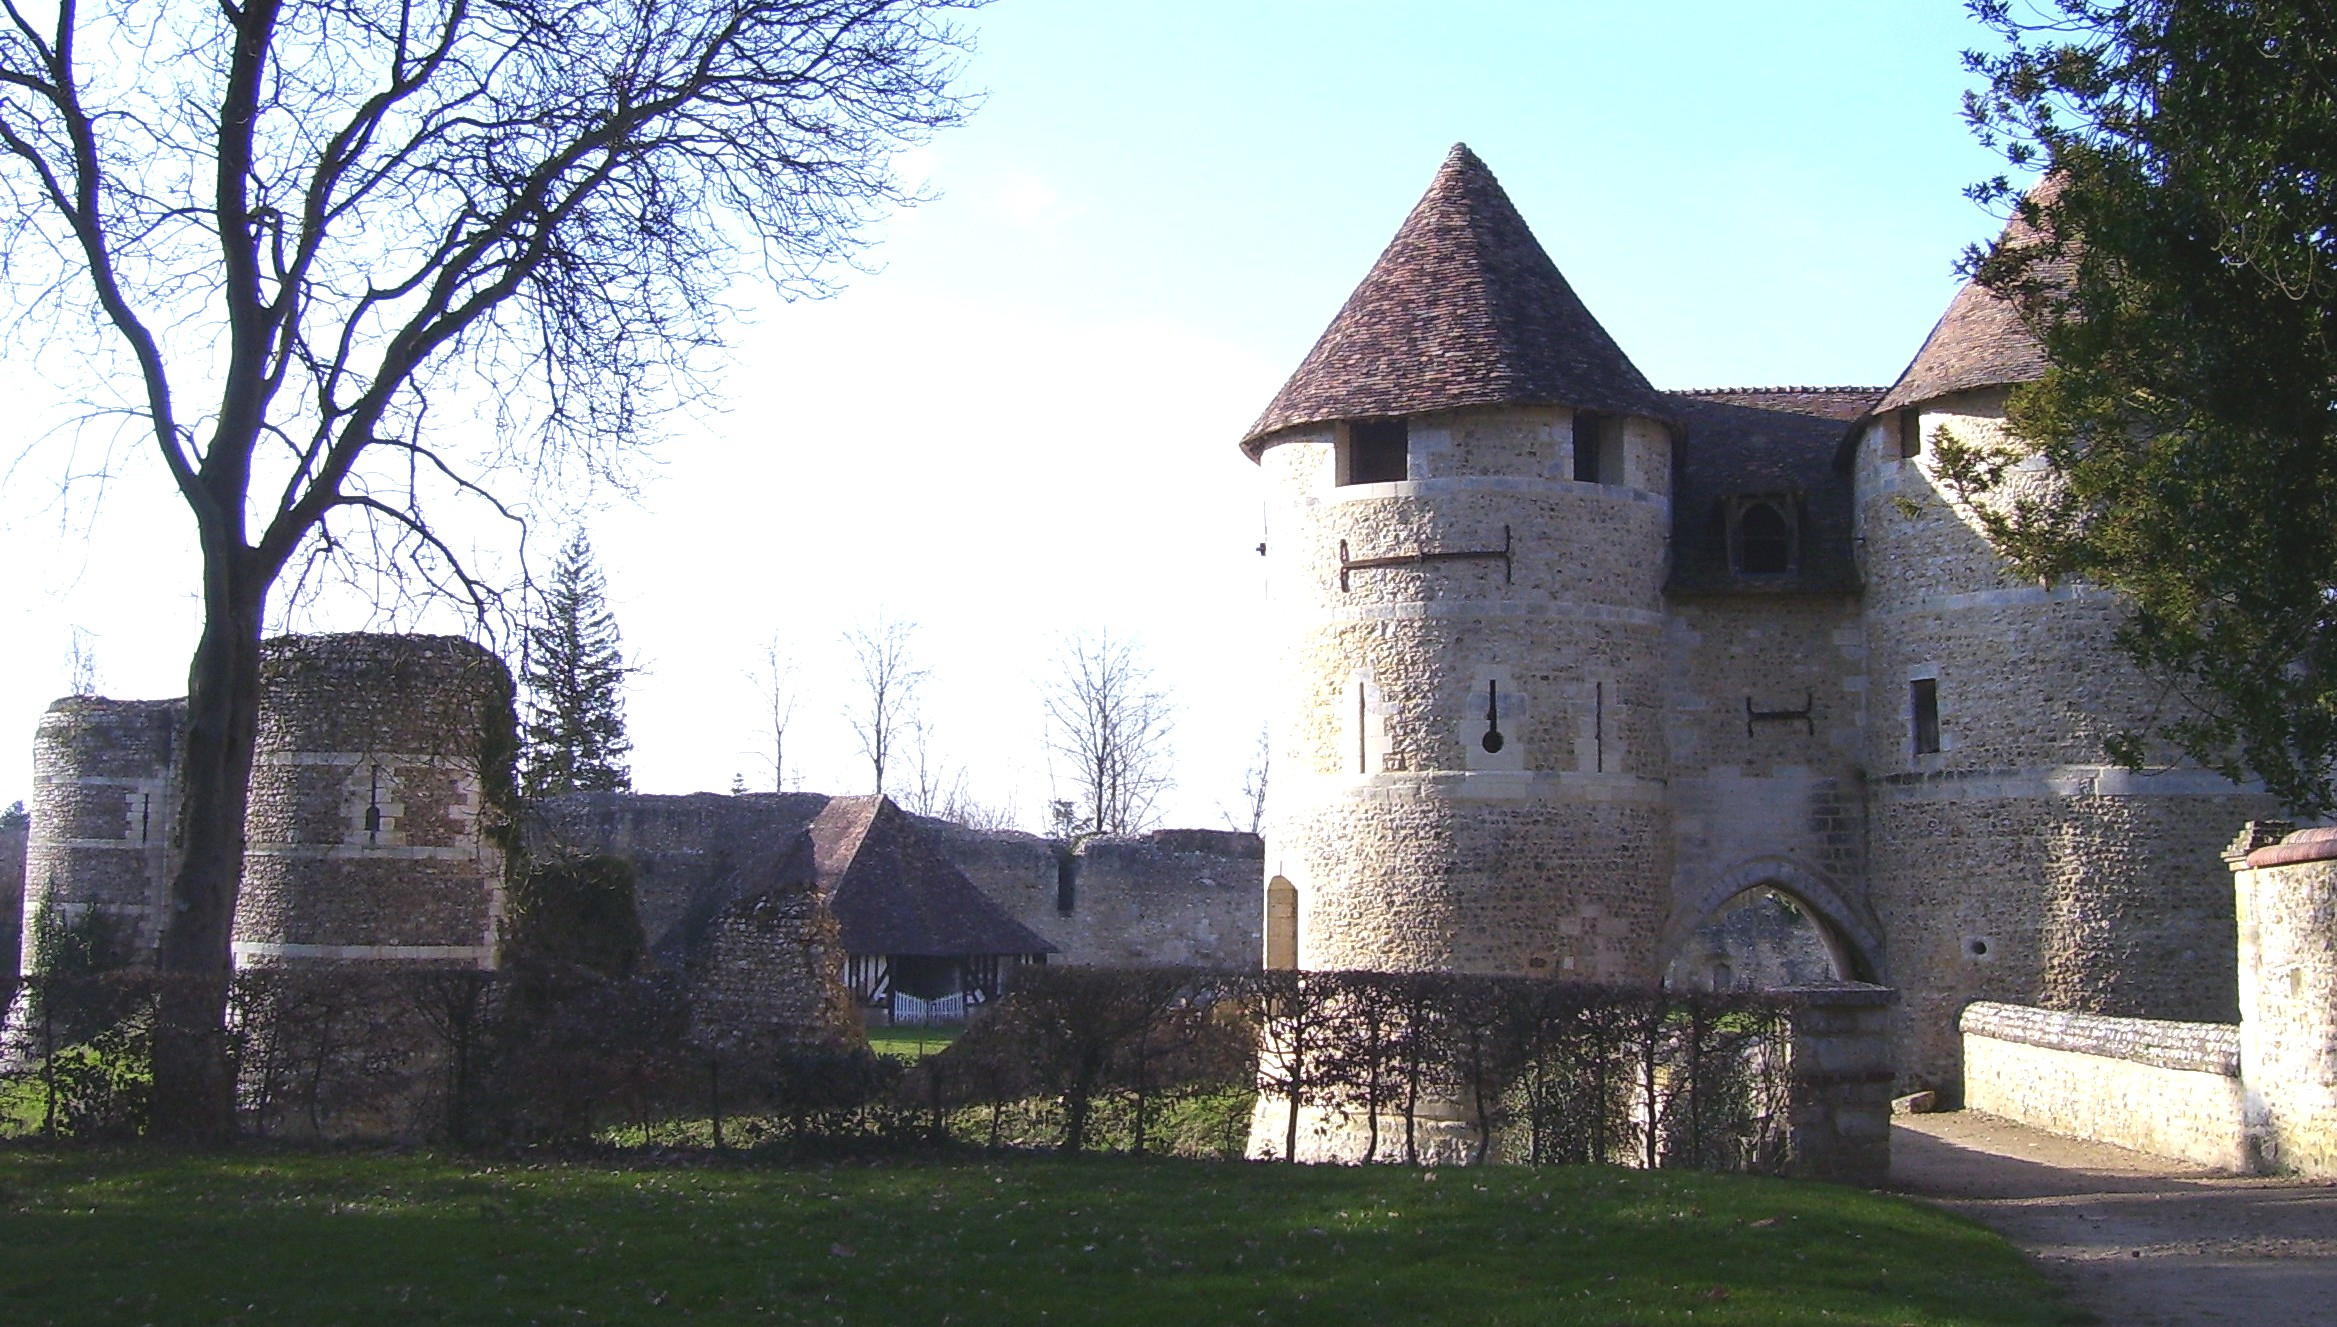 Châtelet und Teile der Festungsmauer, eigenes Foto, Lizenz: CC by